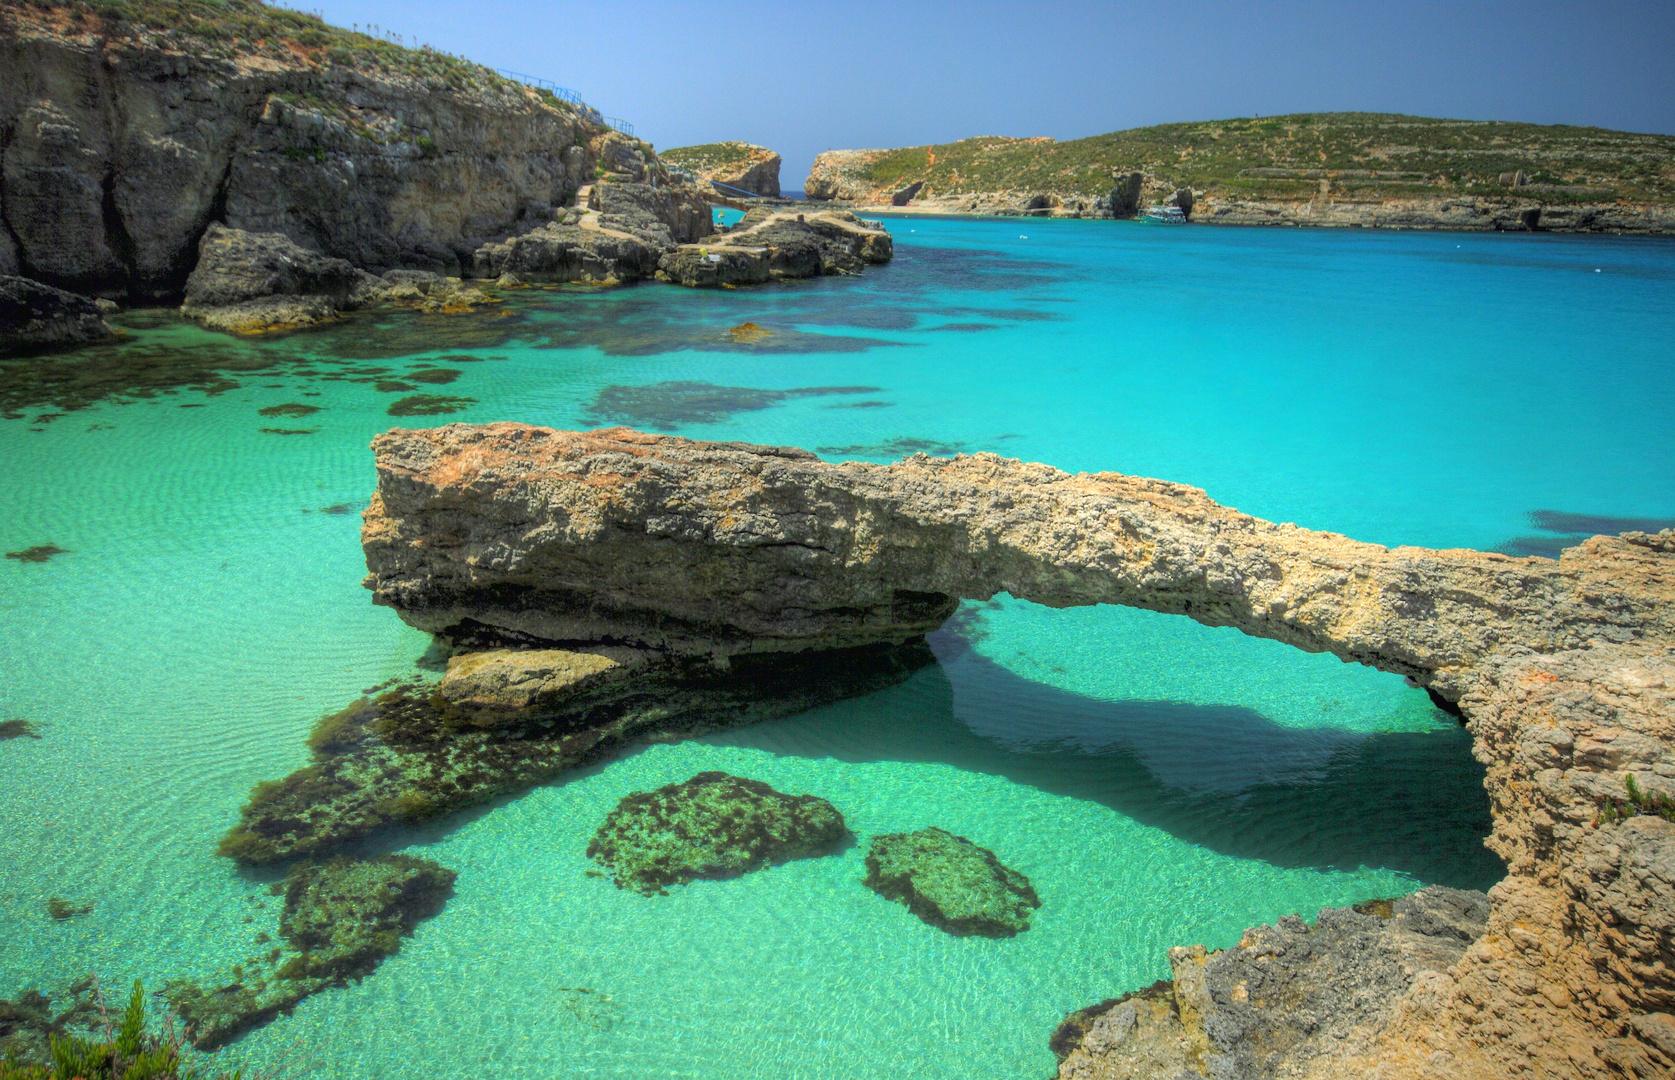 Blue Lagoon Comino Malta Photo Image Landscape